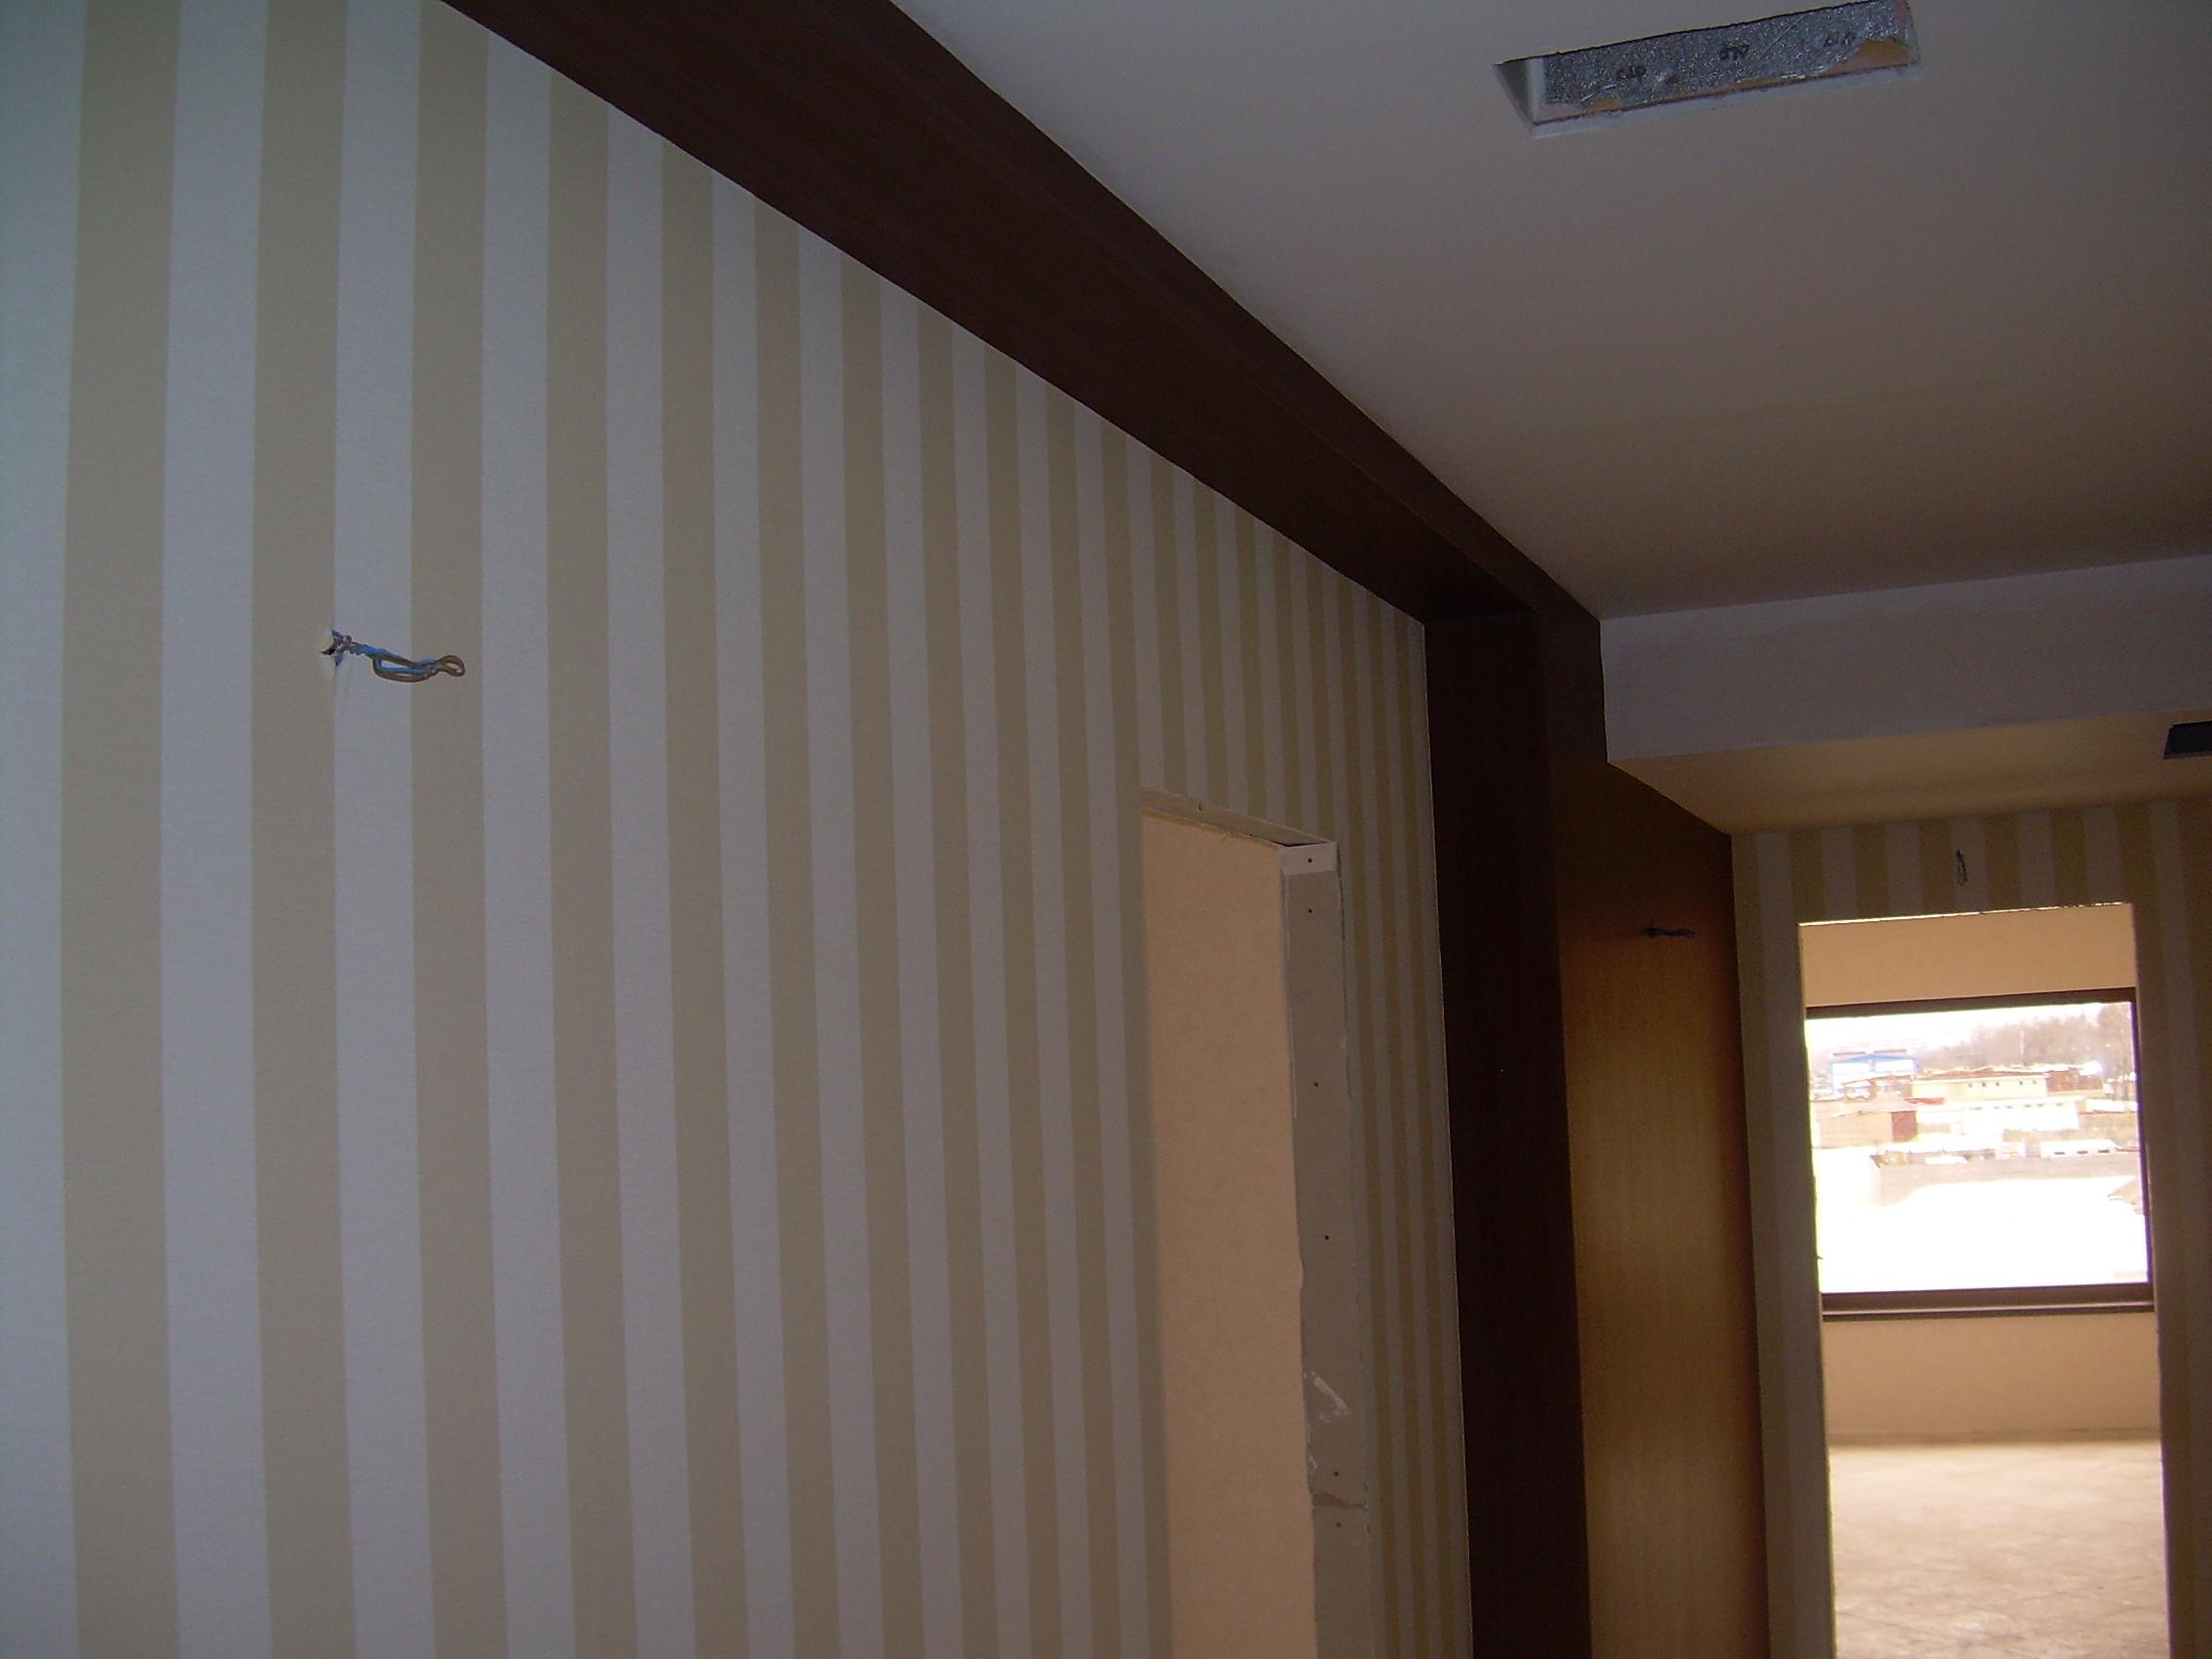 Lucrari de amenajare interioare cu tapet  - Poza 63